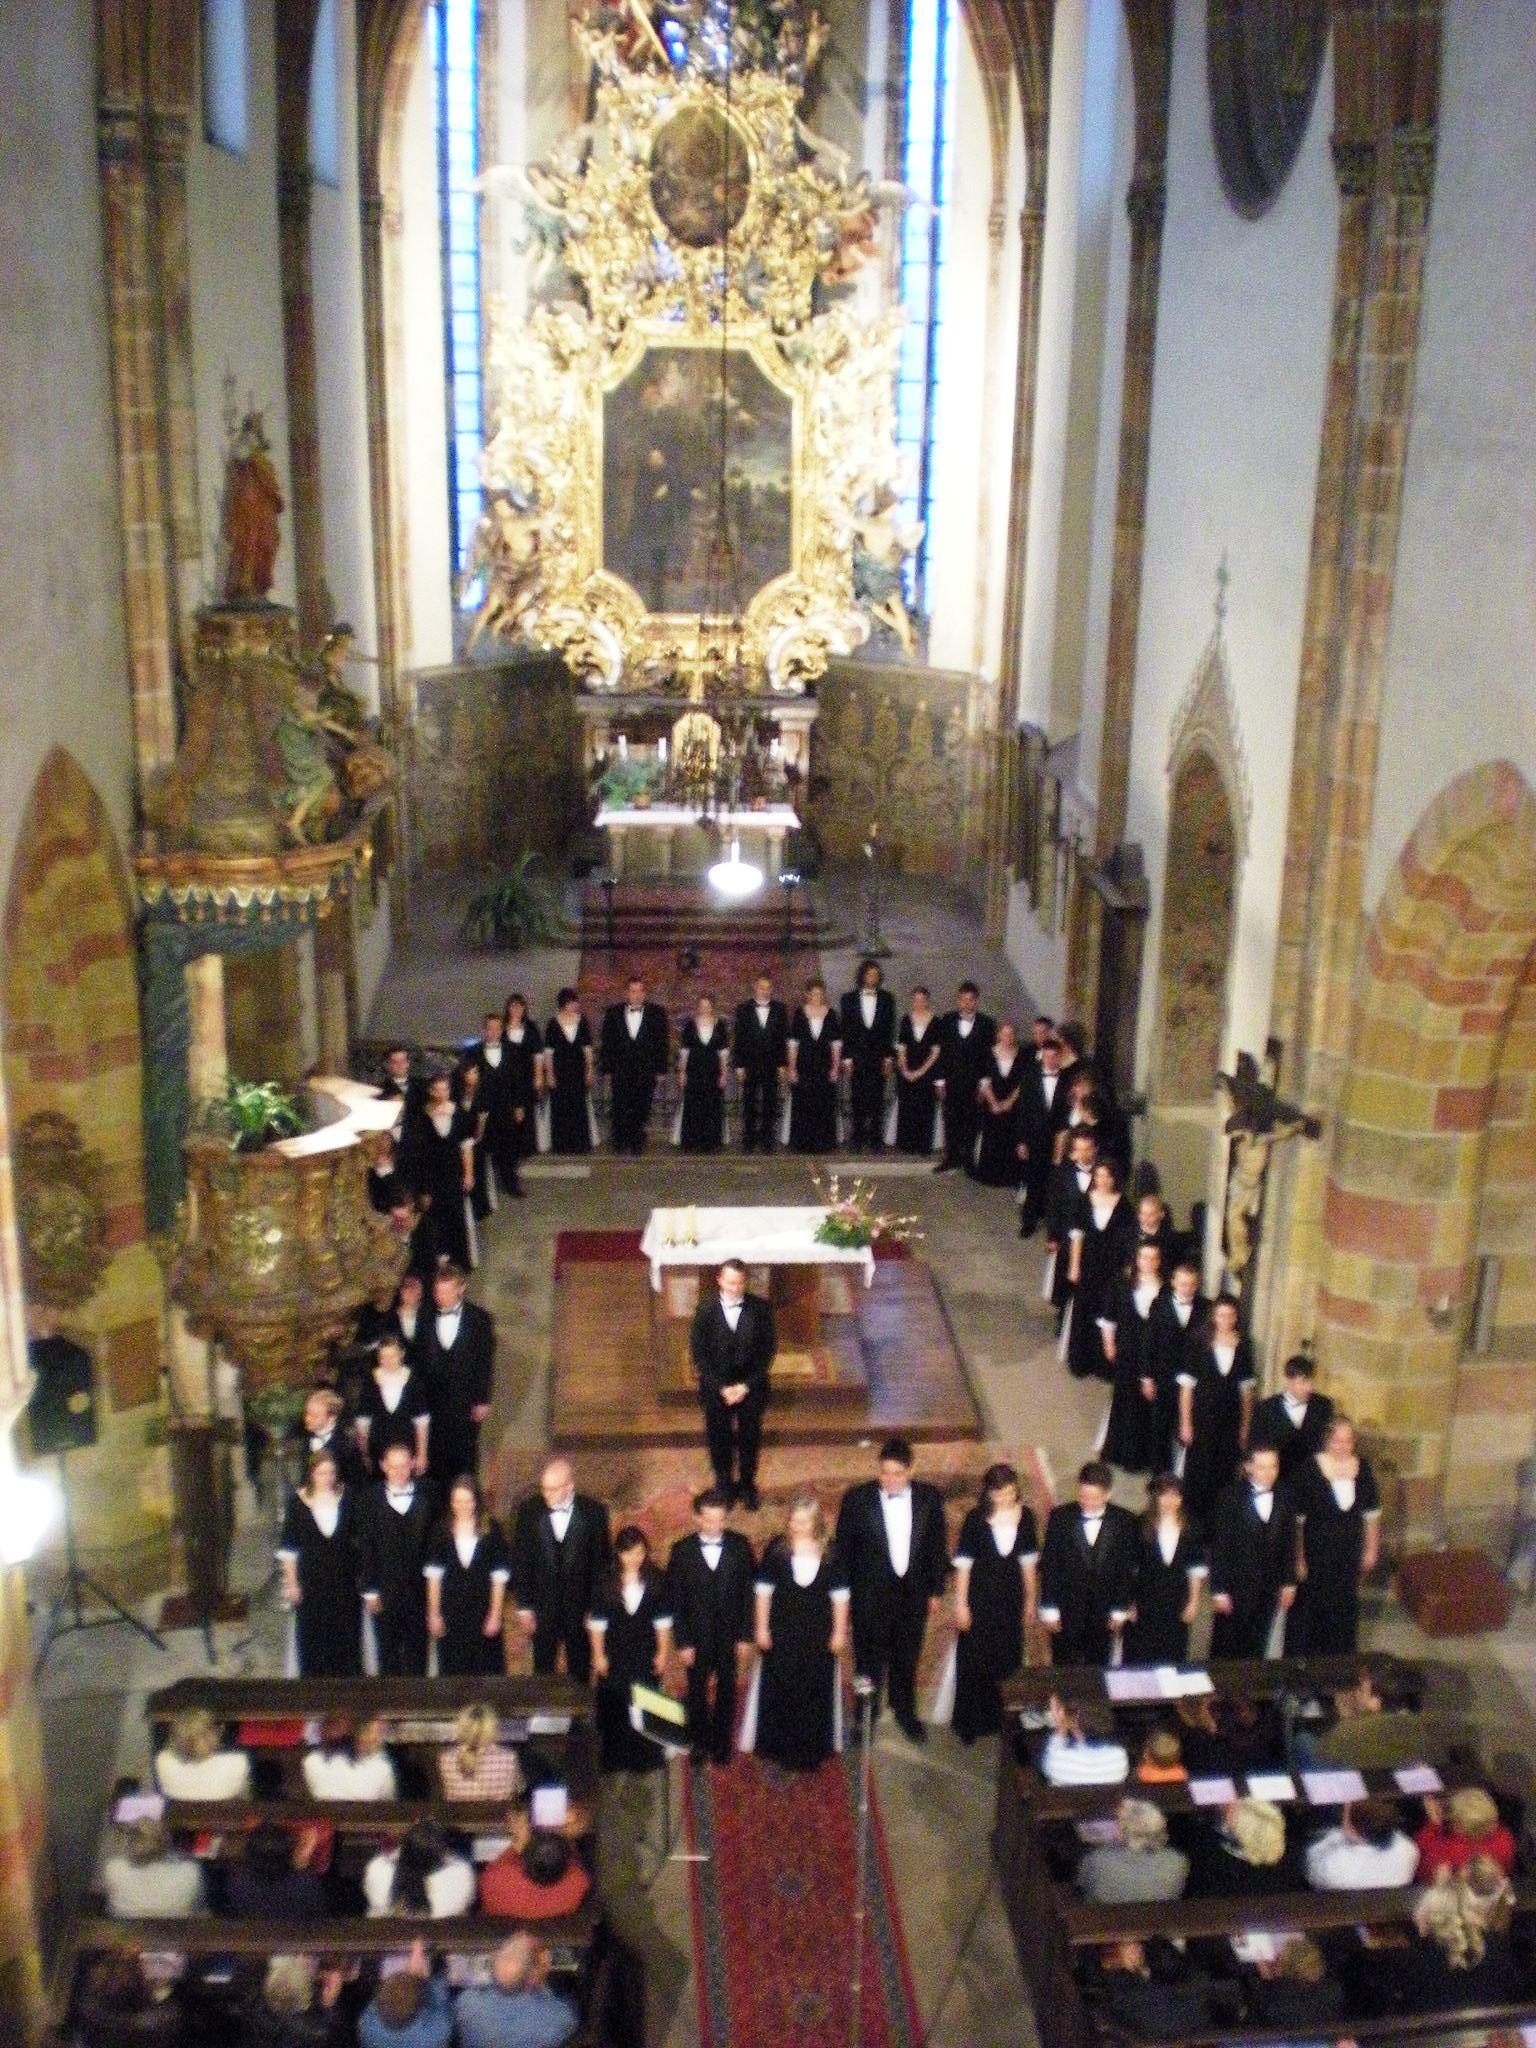 U Singers in Nymburk, Czech Republic